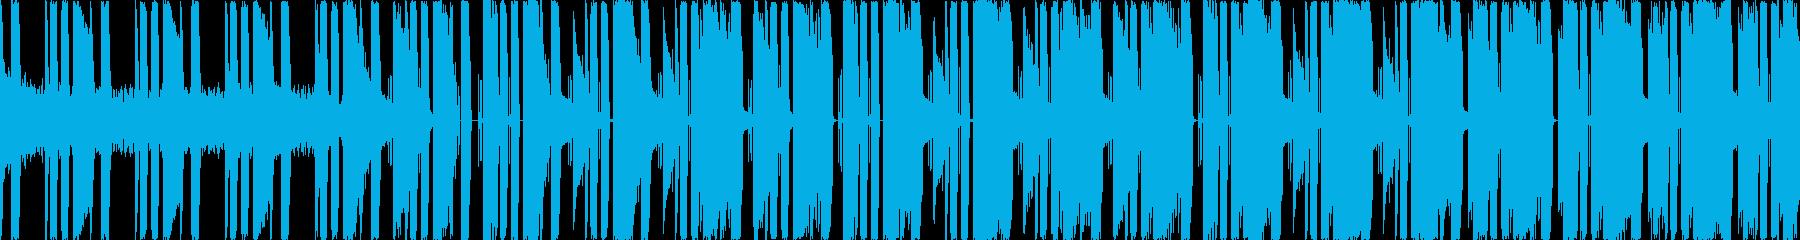 ファミコン風ゲーム 炎/ボスステージ  の再生済みの波形